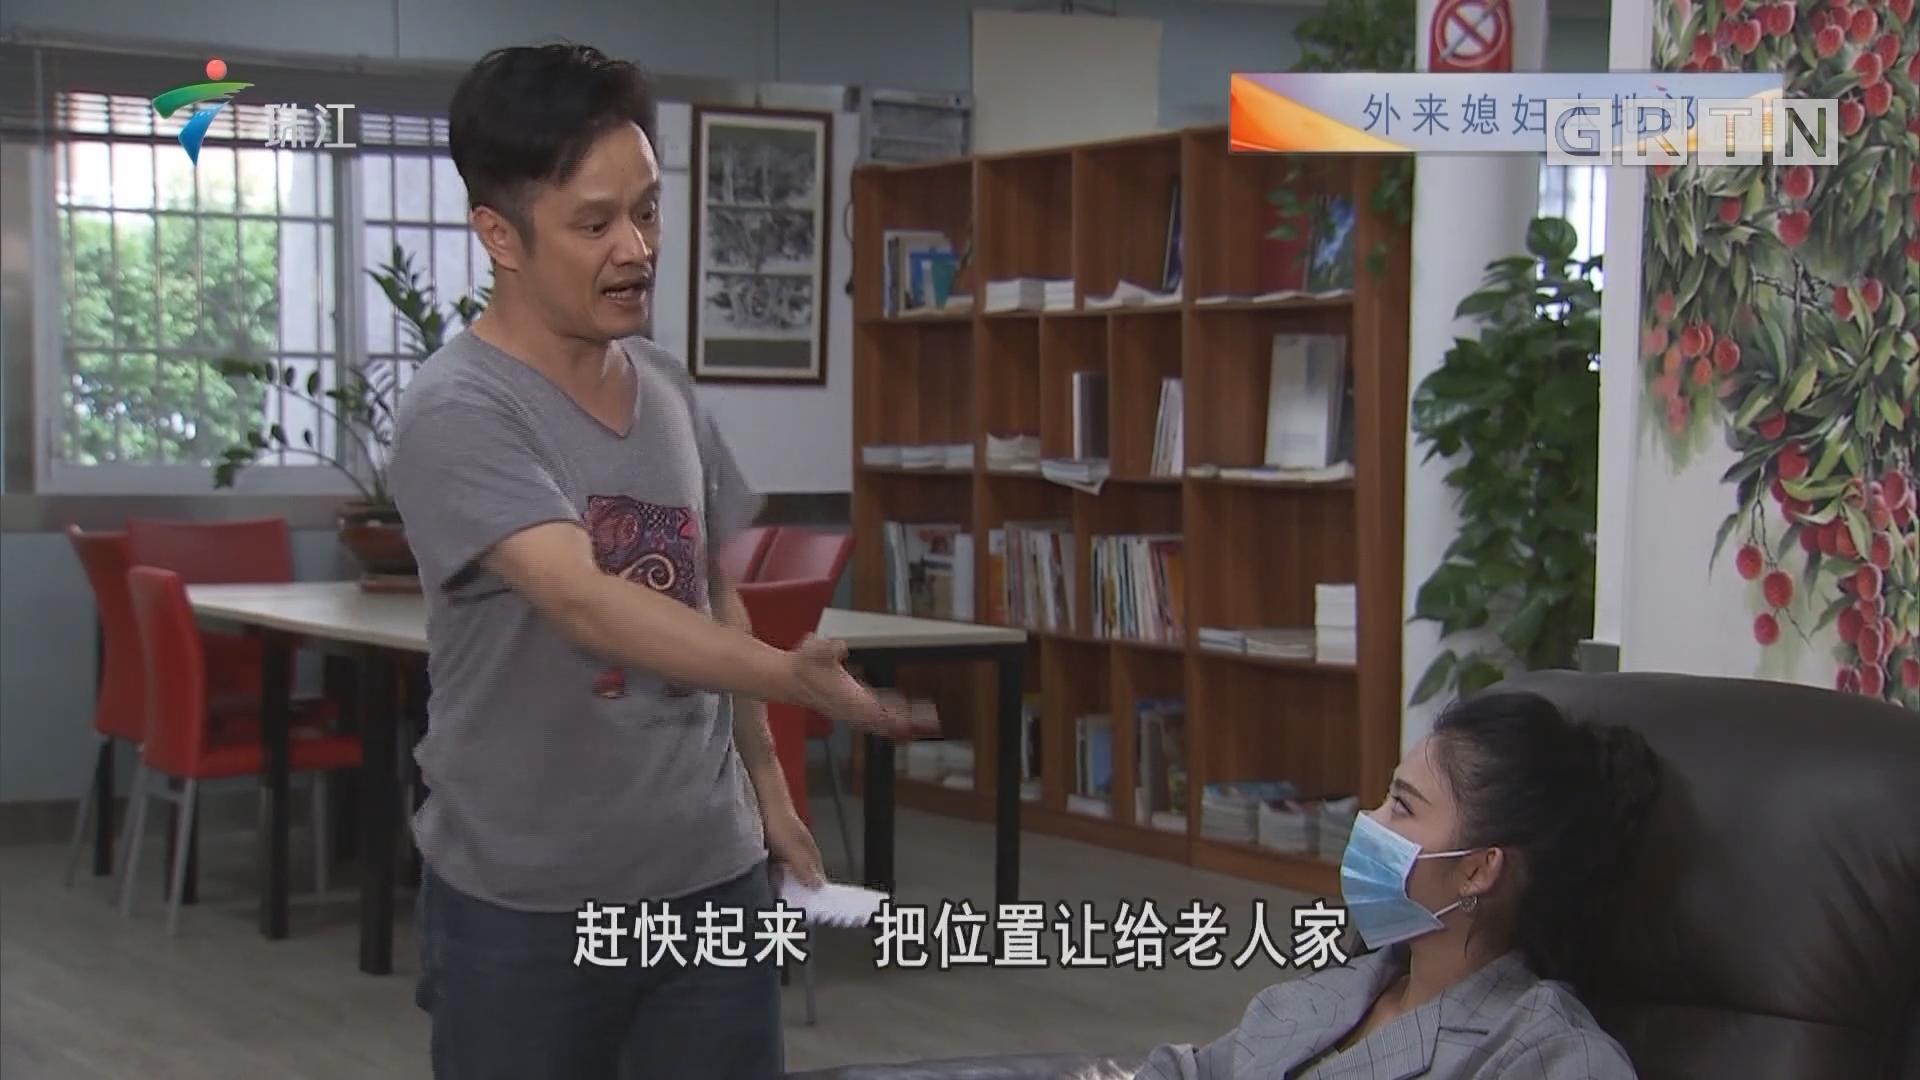 [HD][2019-01-12]外来媳妇本地郎:世界上最遥远的距离(下)